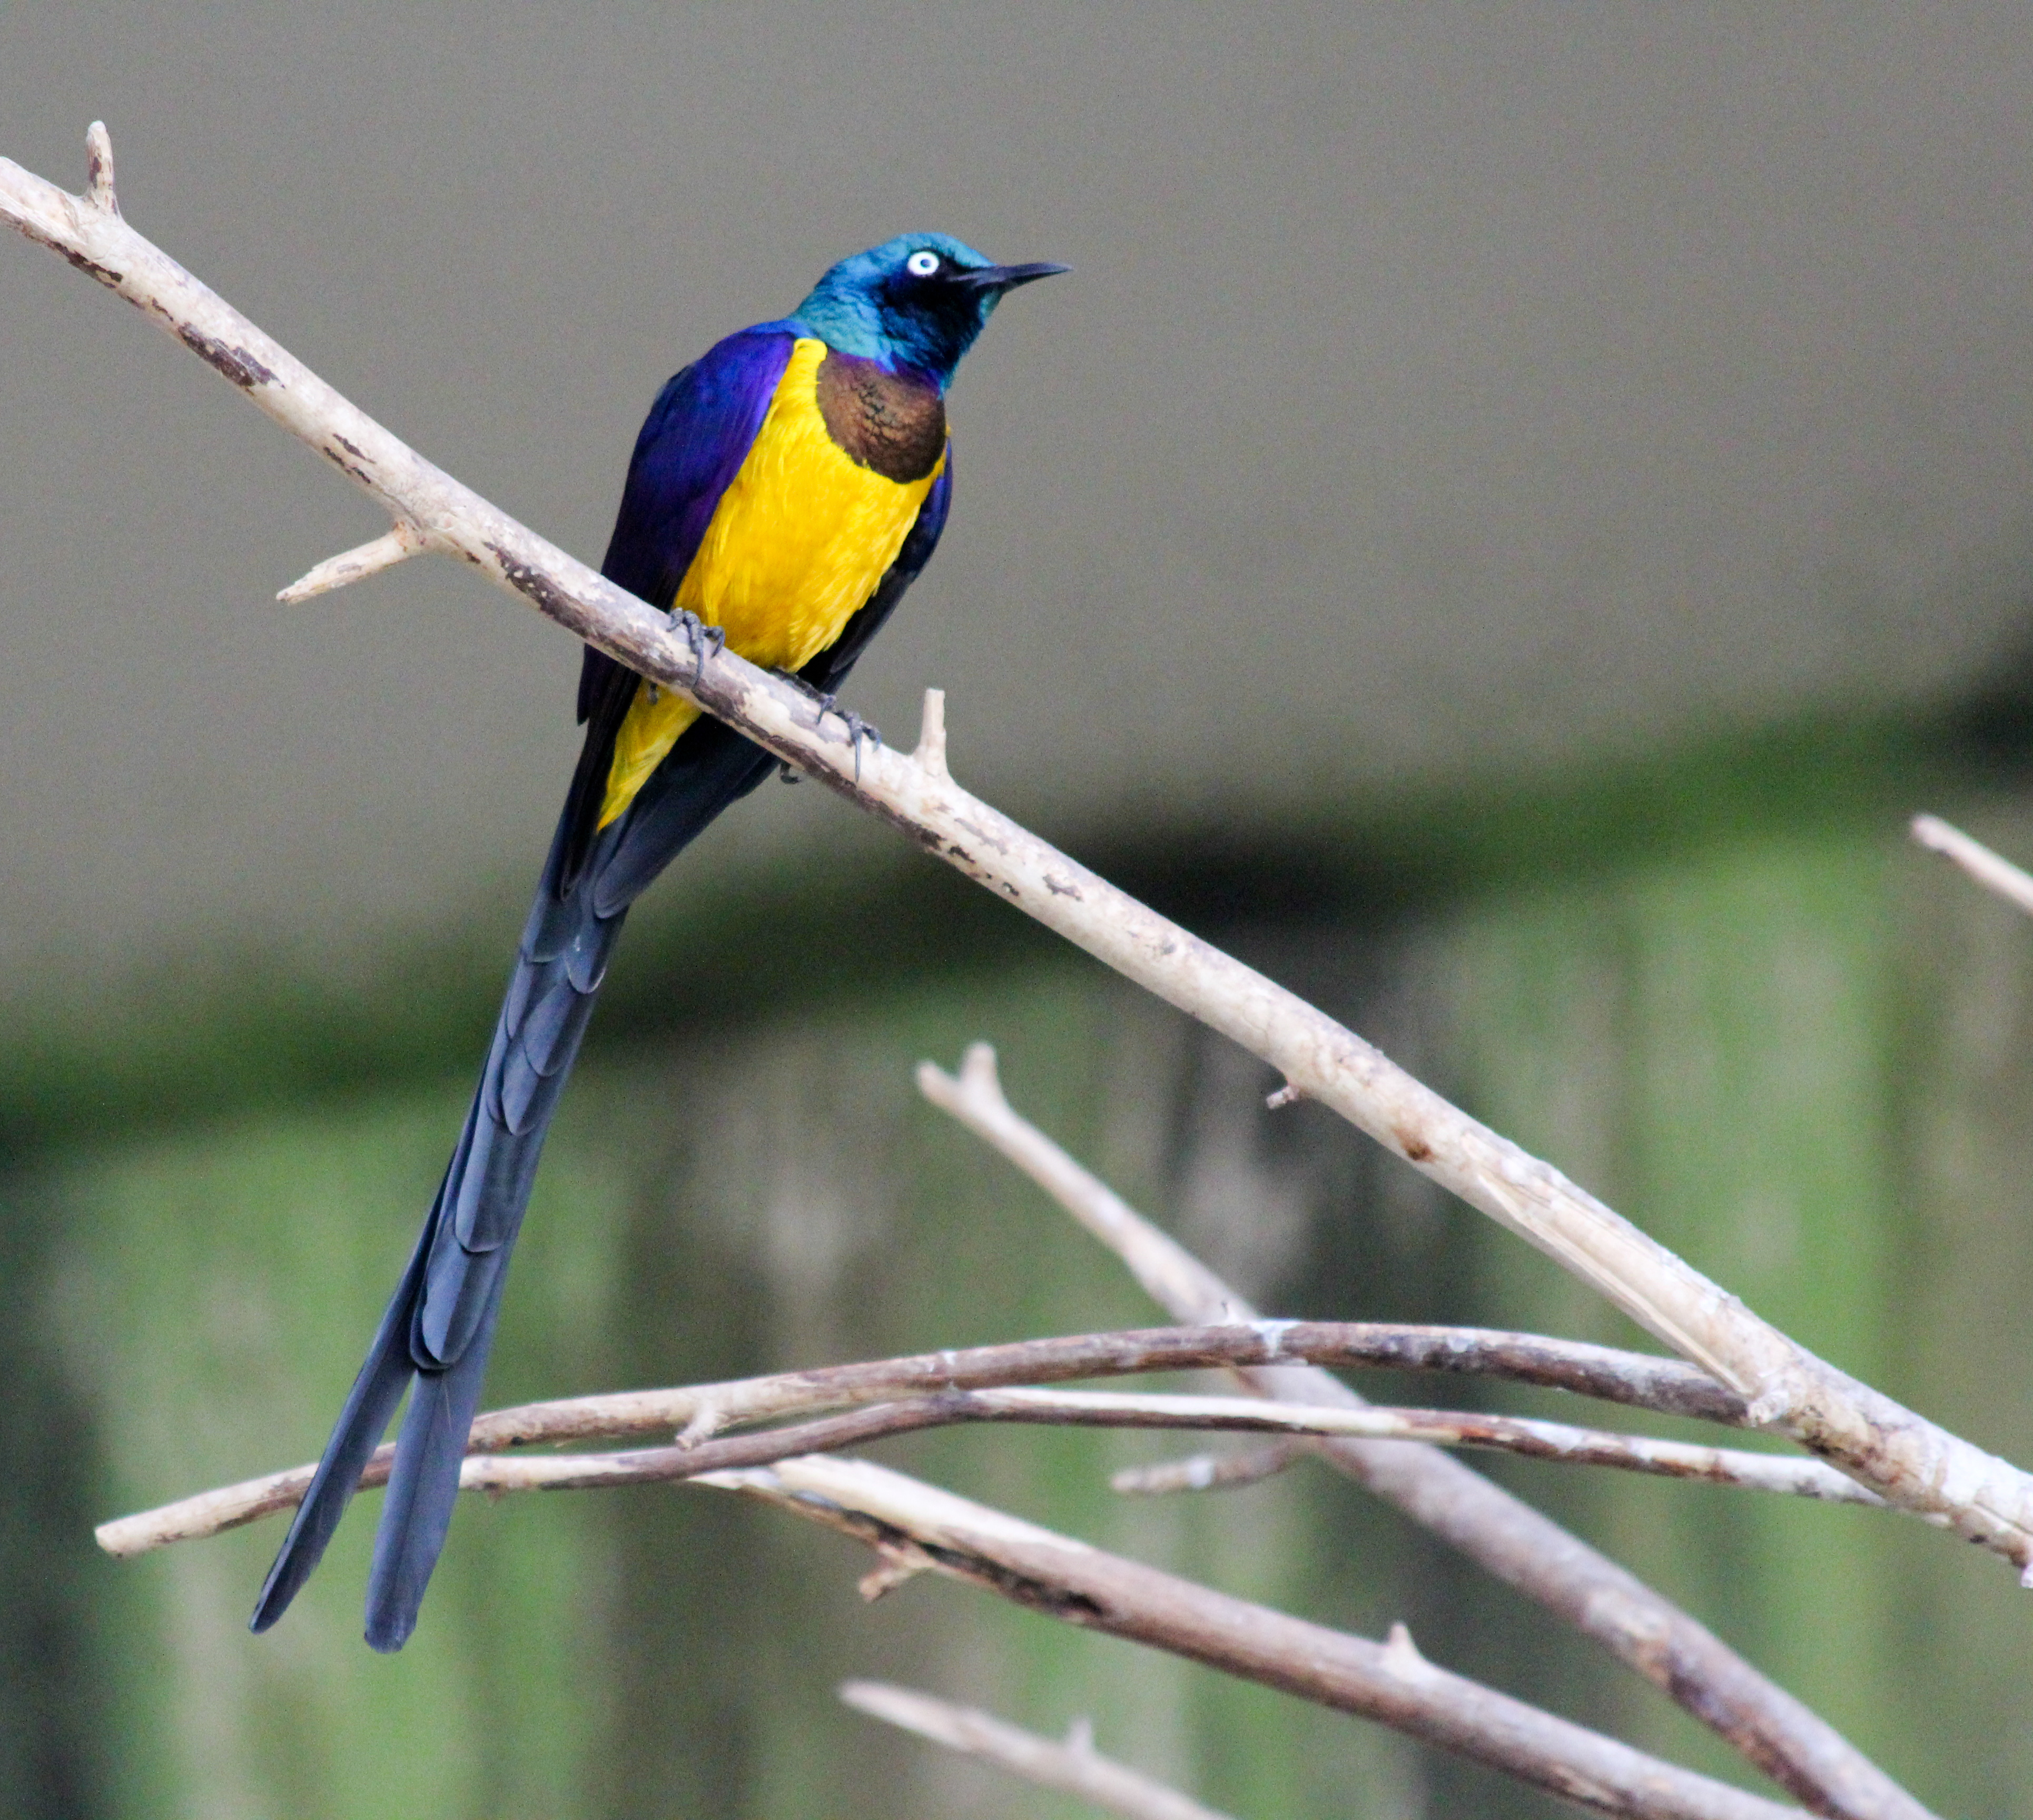 File cosmopsarus regius bird kingdom niagara falls canada 8a